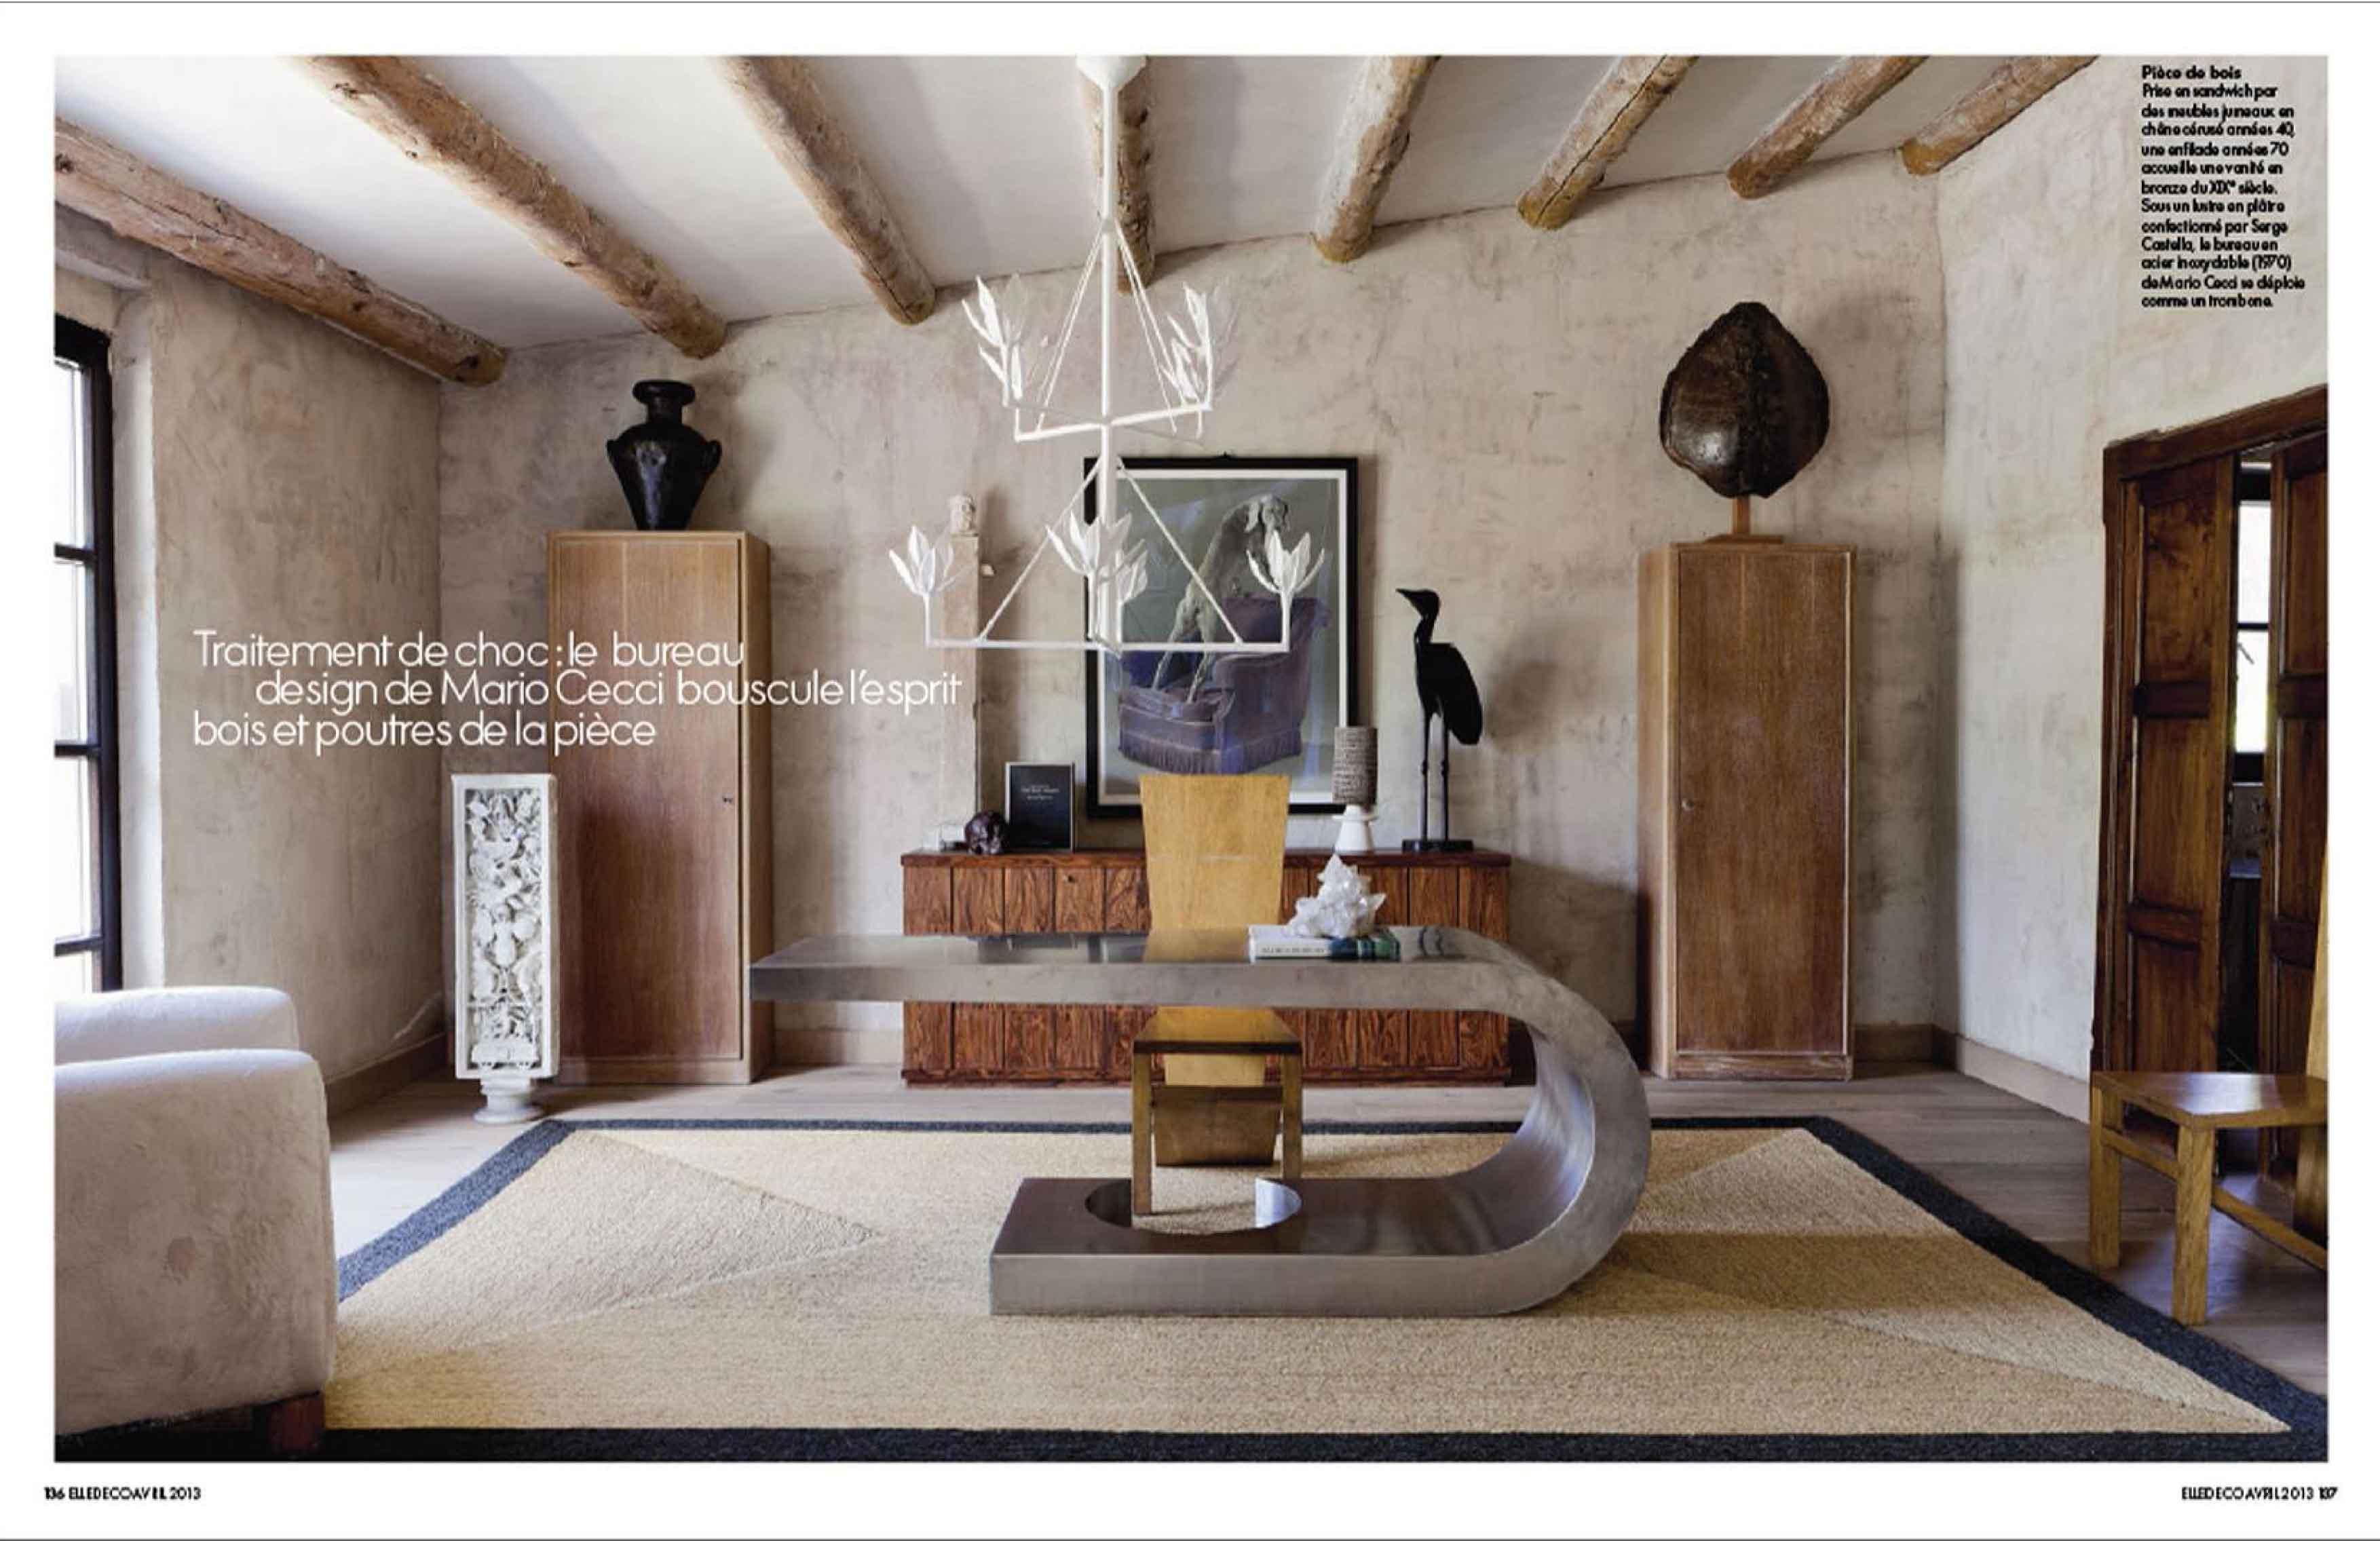 decoration poutre en bois fashion designs. Black Bedroom Furniture Sets. Home Design Ideas